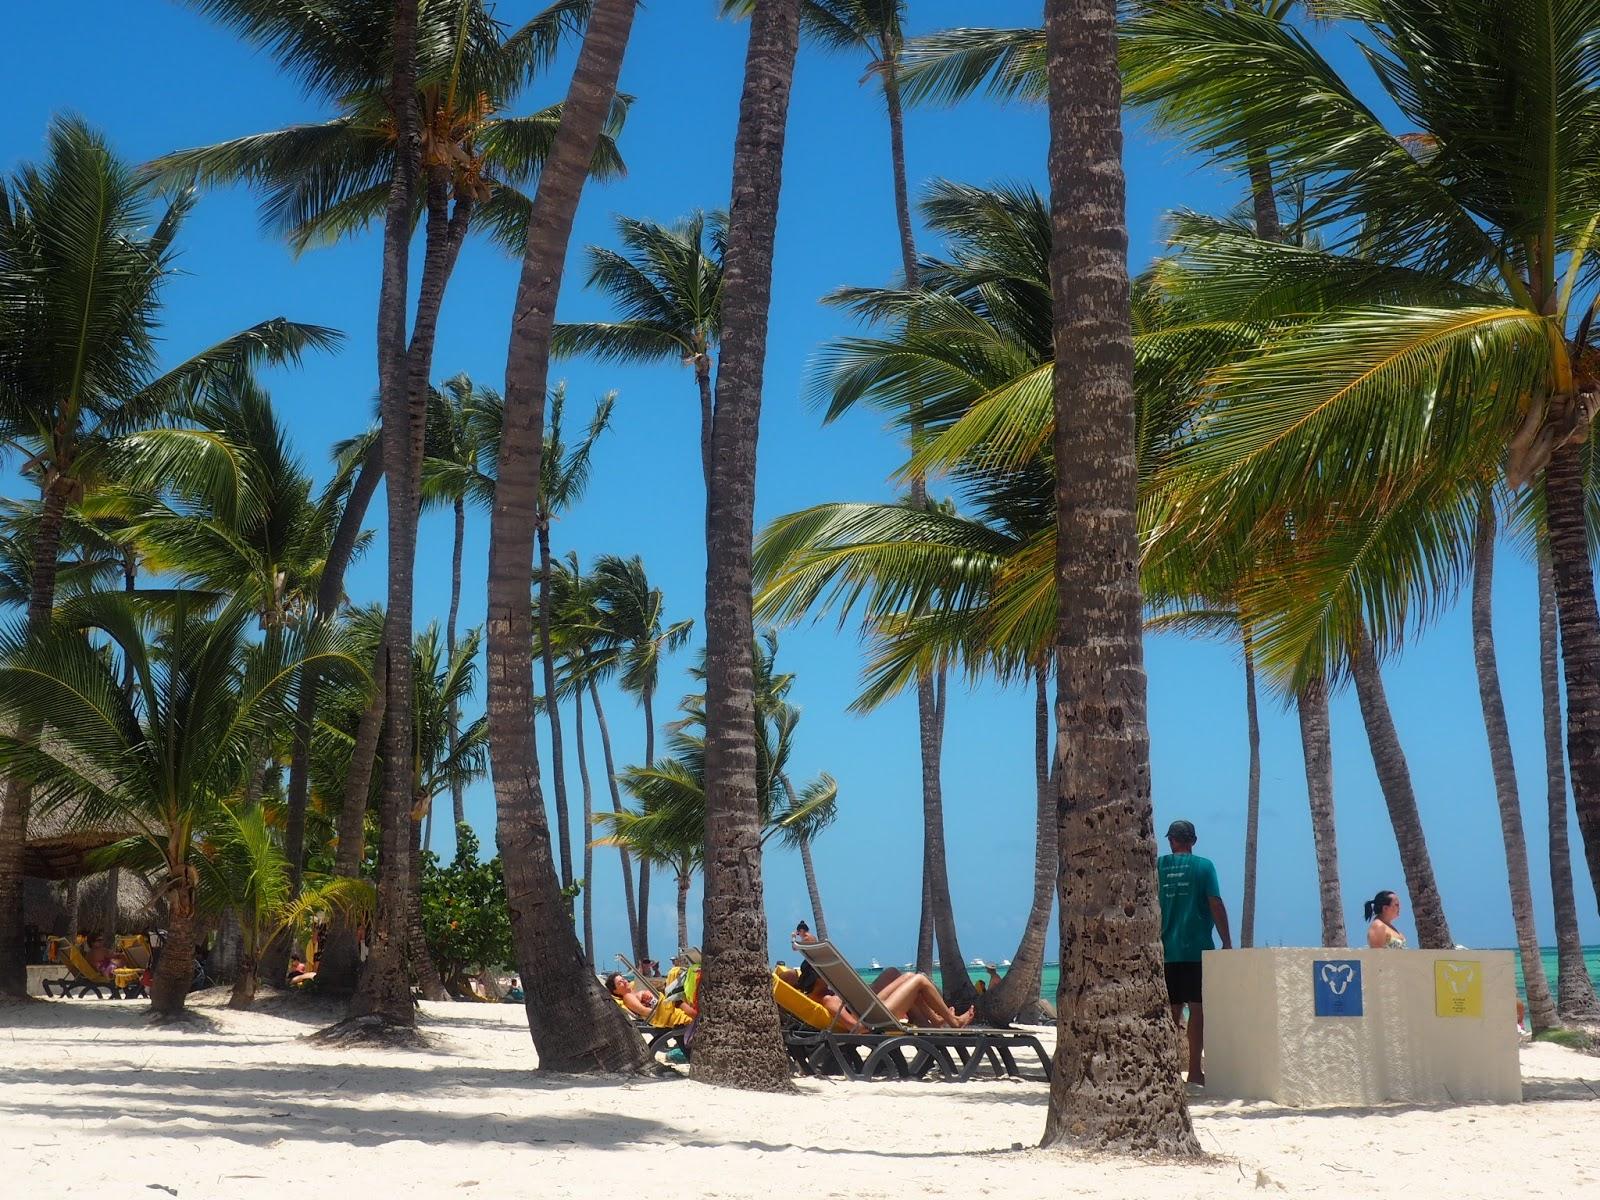 Punta cana, dominican republic, barcelo bavaro deluxe, www.jadore-fashion.com